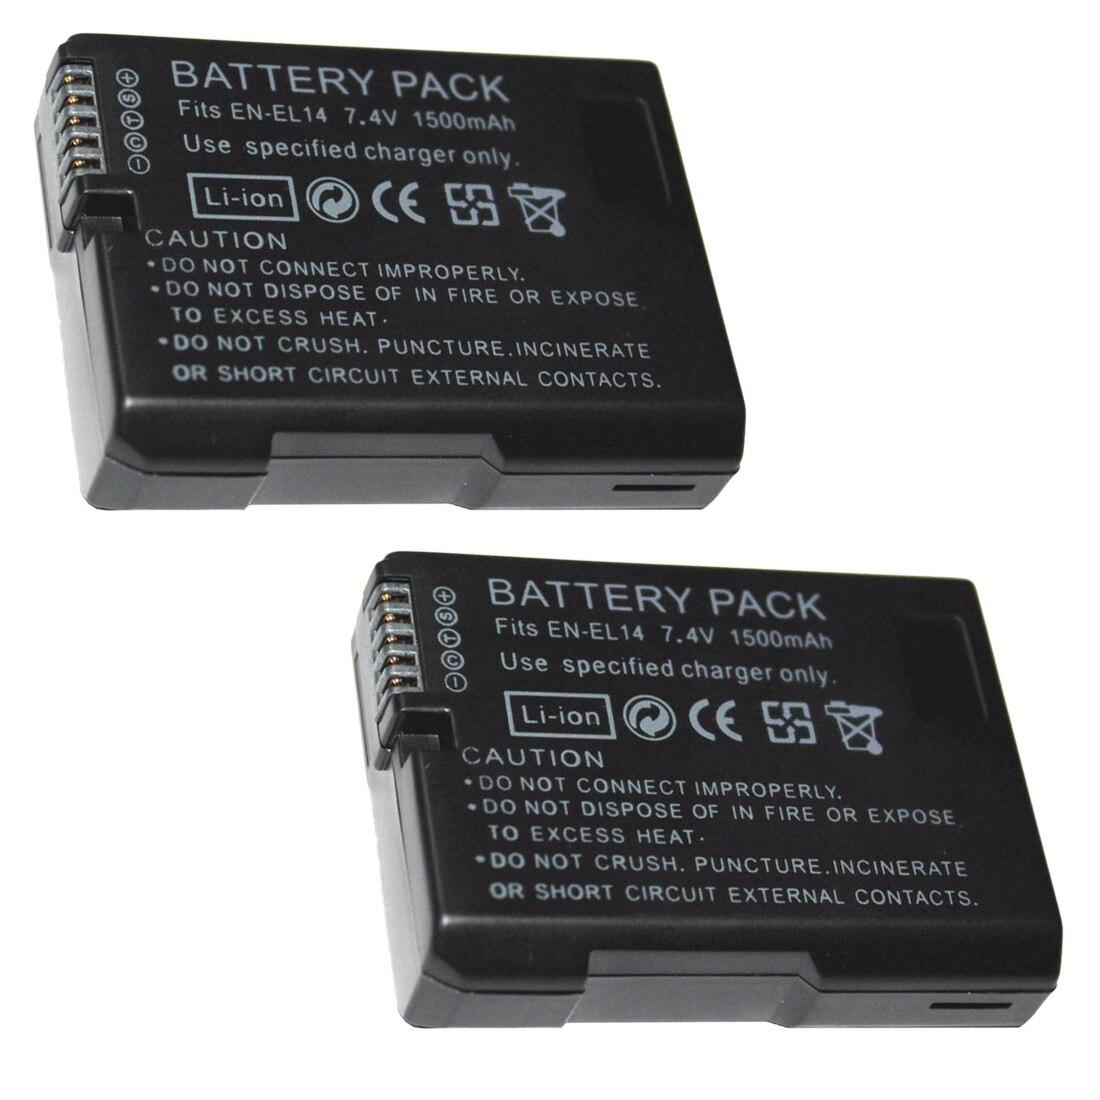 En El 14 P7700 1030mAh Batería Nikon Coolpix ENEL14 En-El14